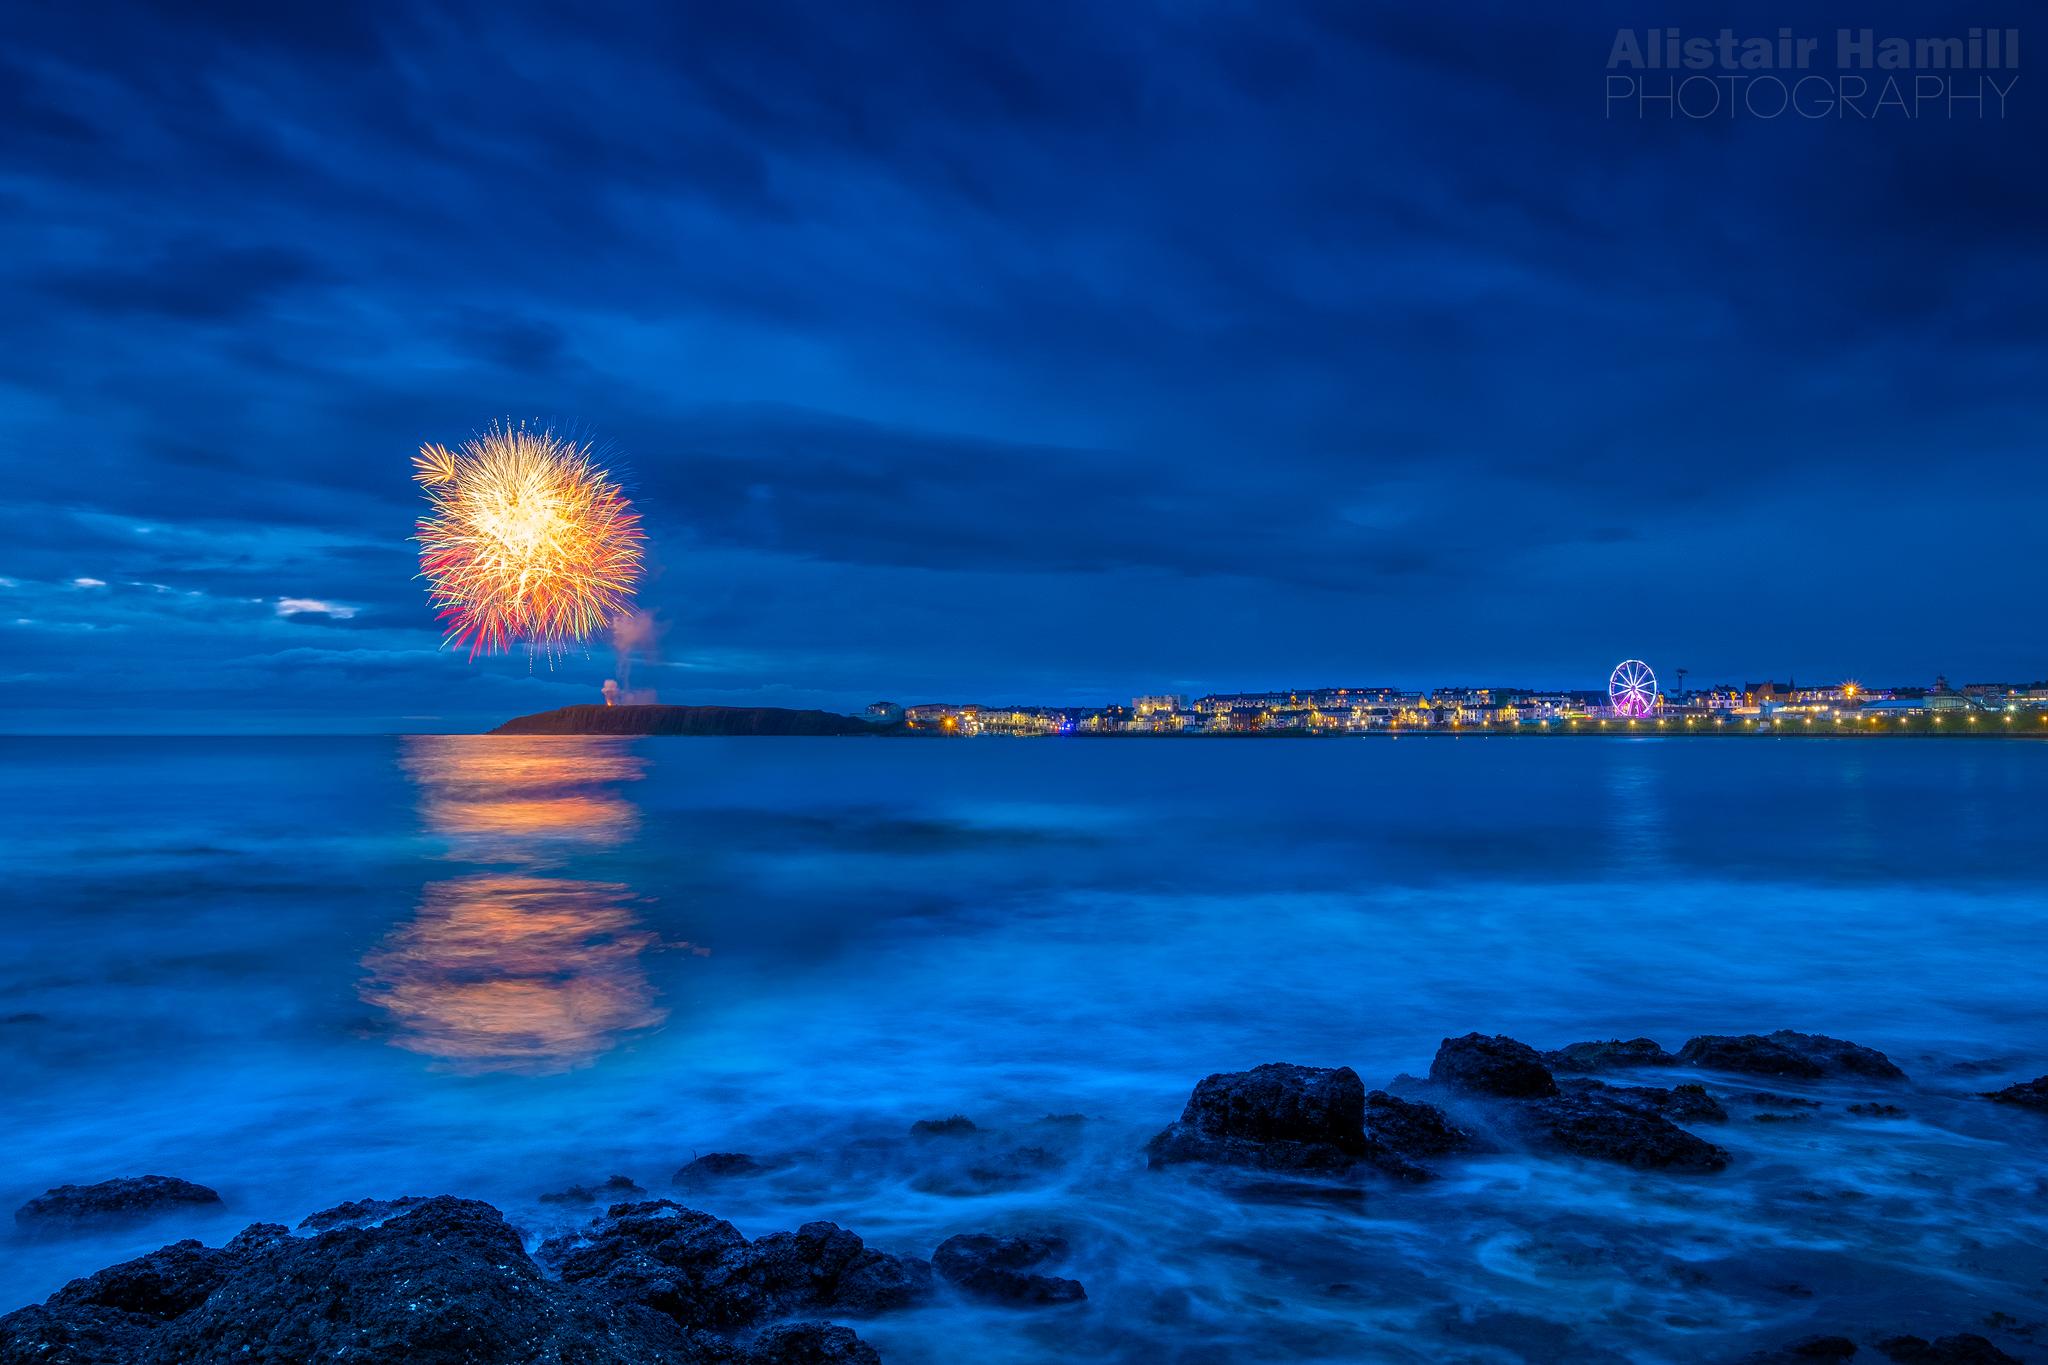 Open fireworks finale 2 (large) WM.jpg